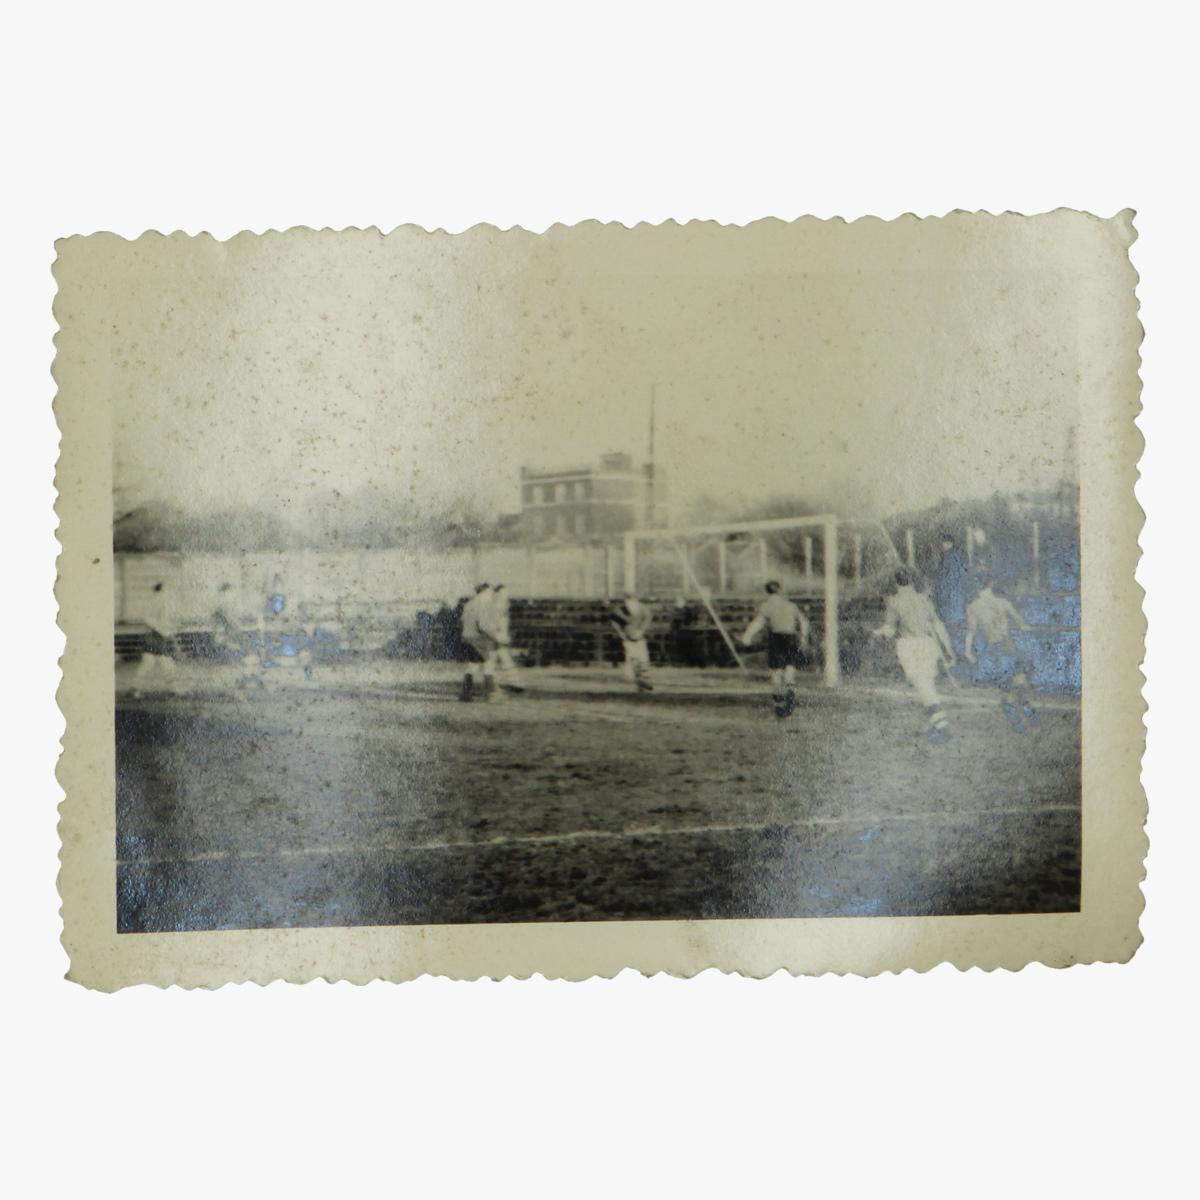 Afbeeldingen van oude foto voetbal 8cm op 6.5 cm